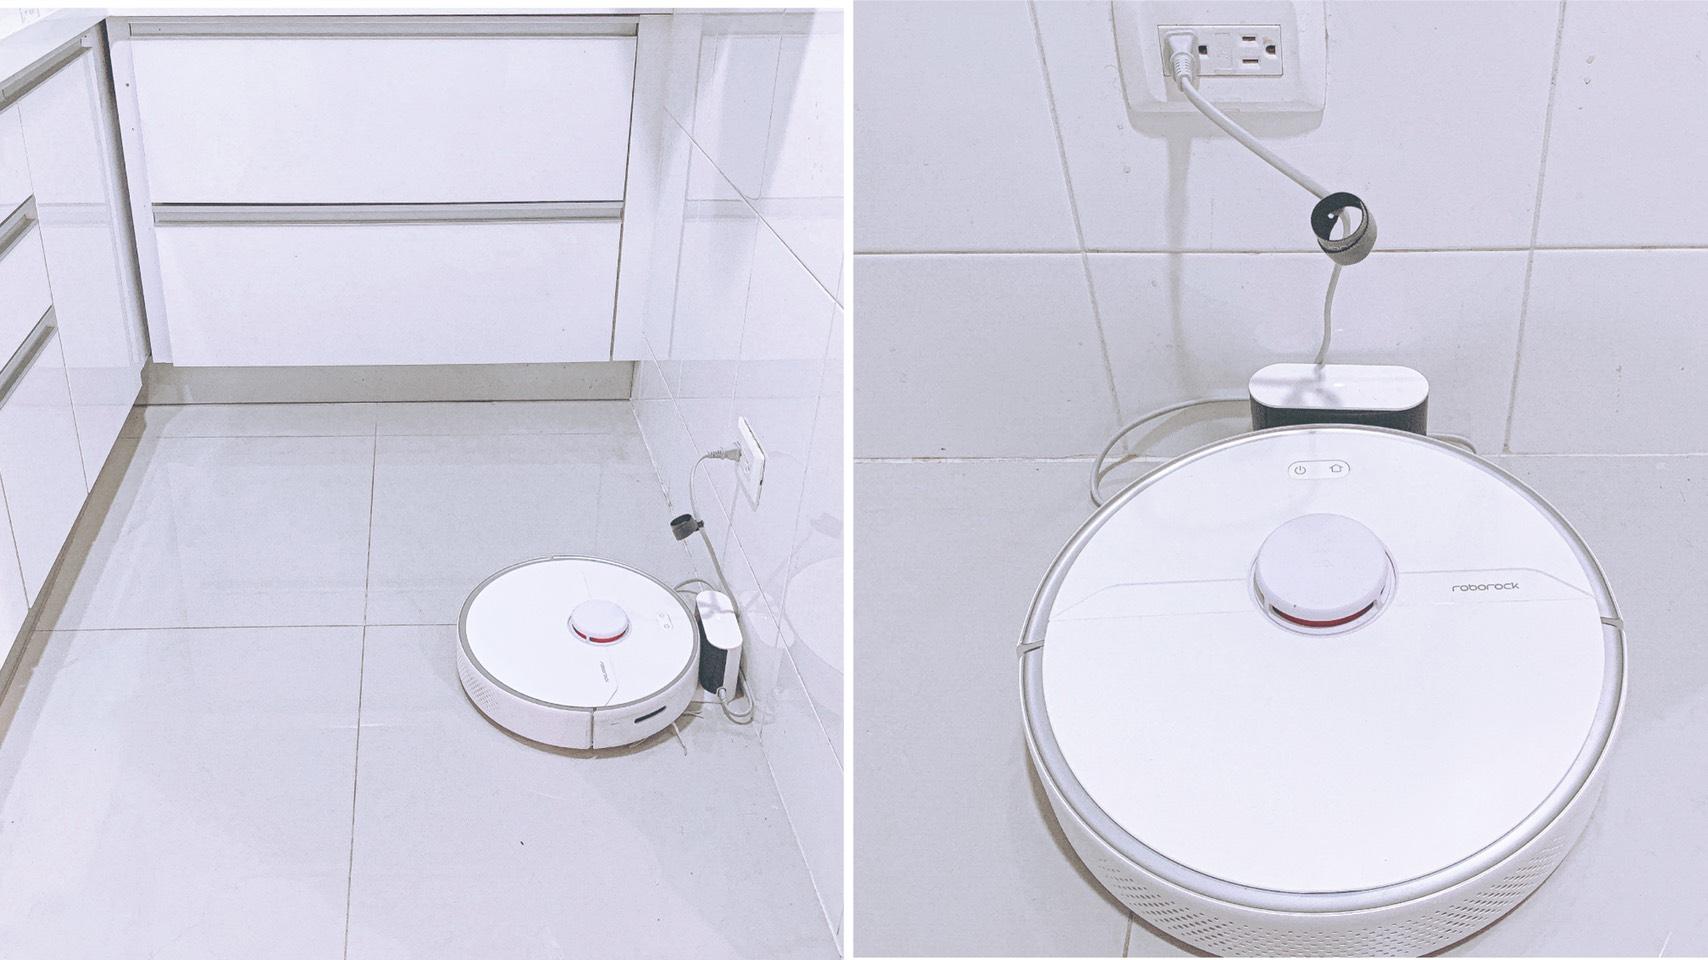 掃地機器人推薦-石頭掃地機器人二代 S6 Pure,真實購買使用心得分享,新手買掃地機器人該注意哪些?